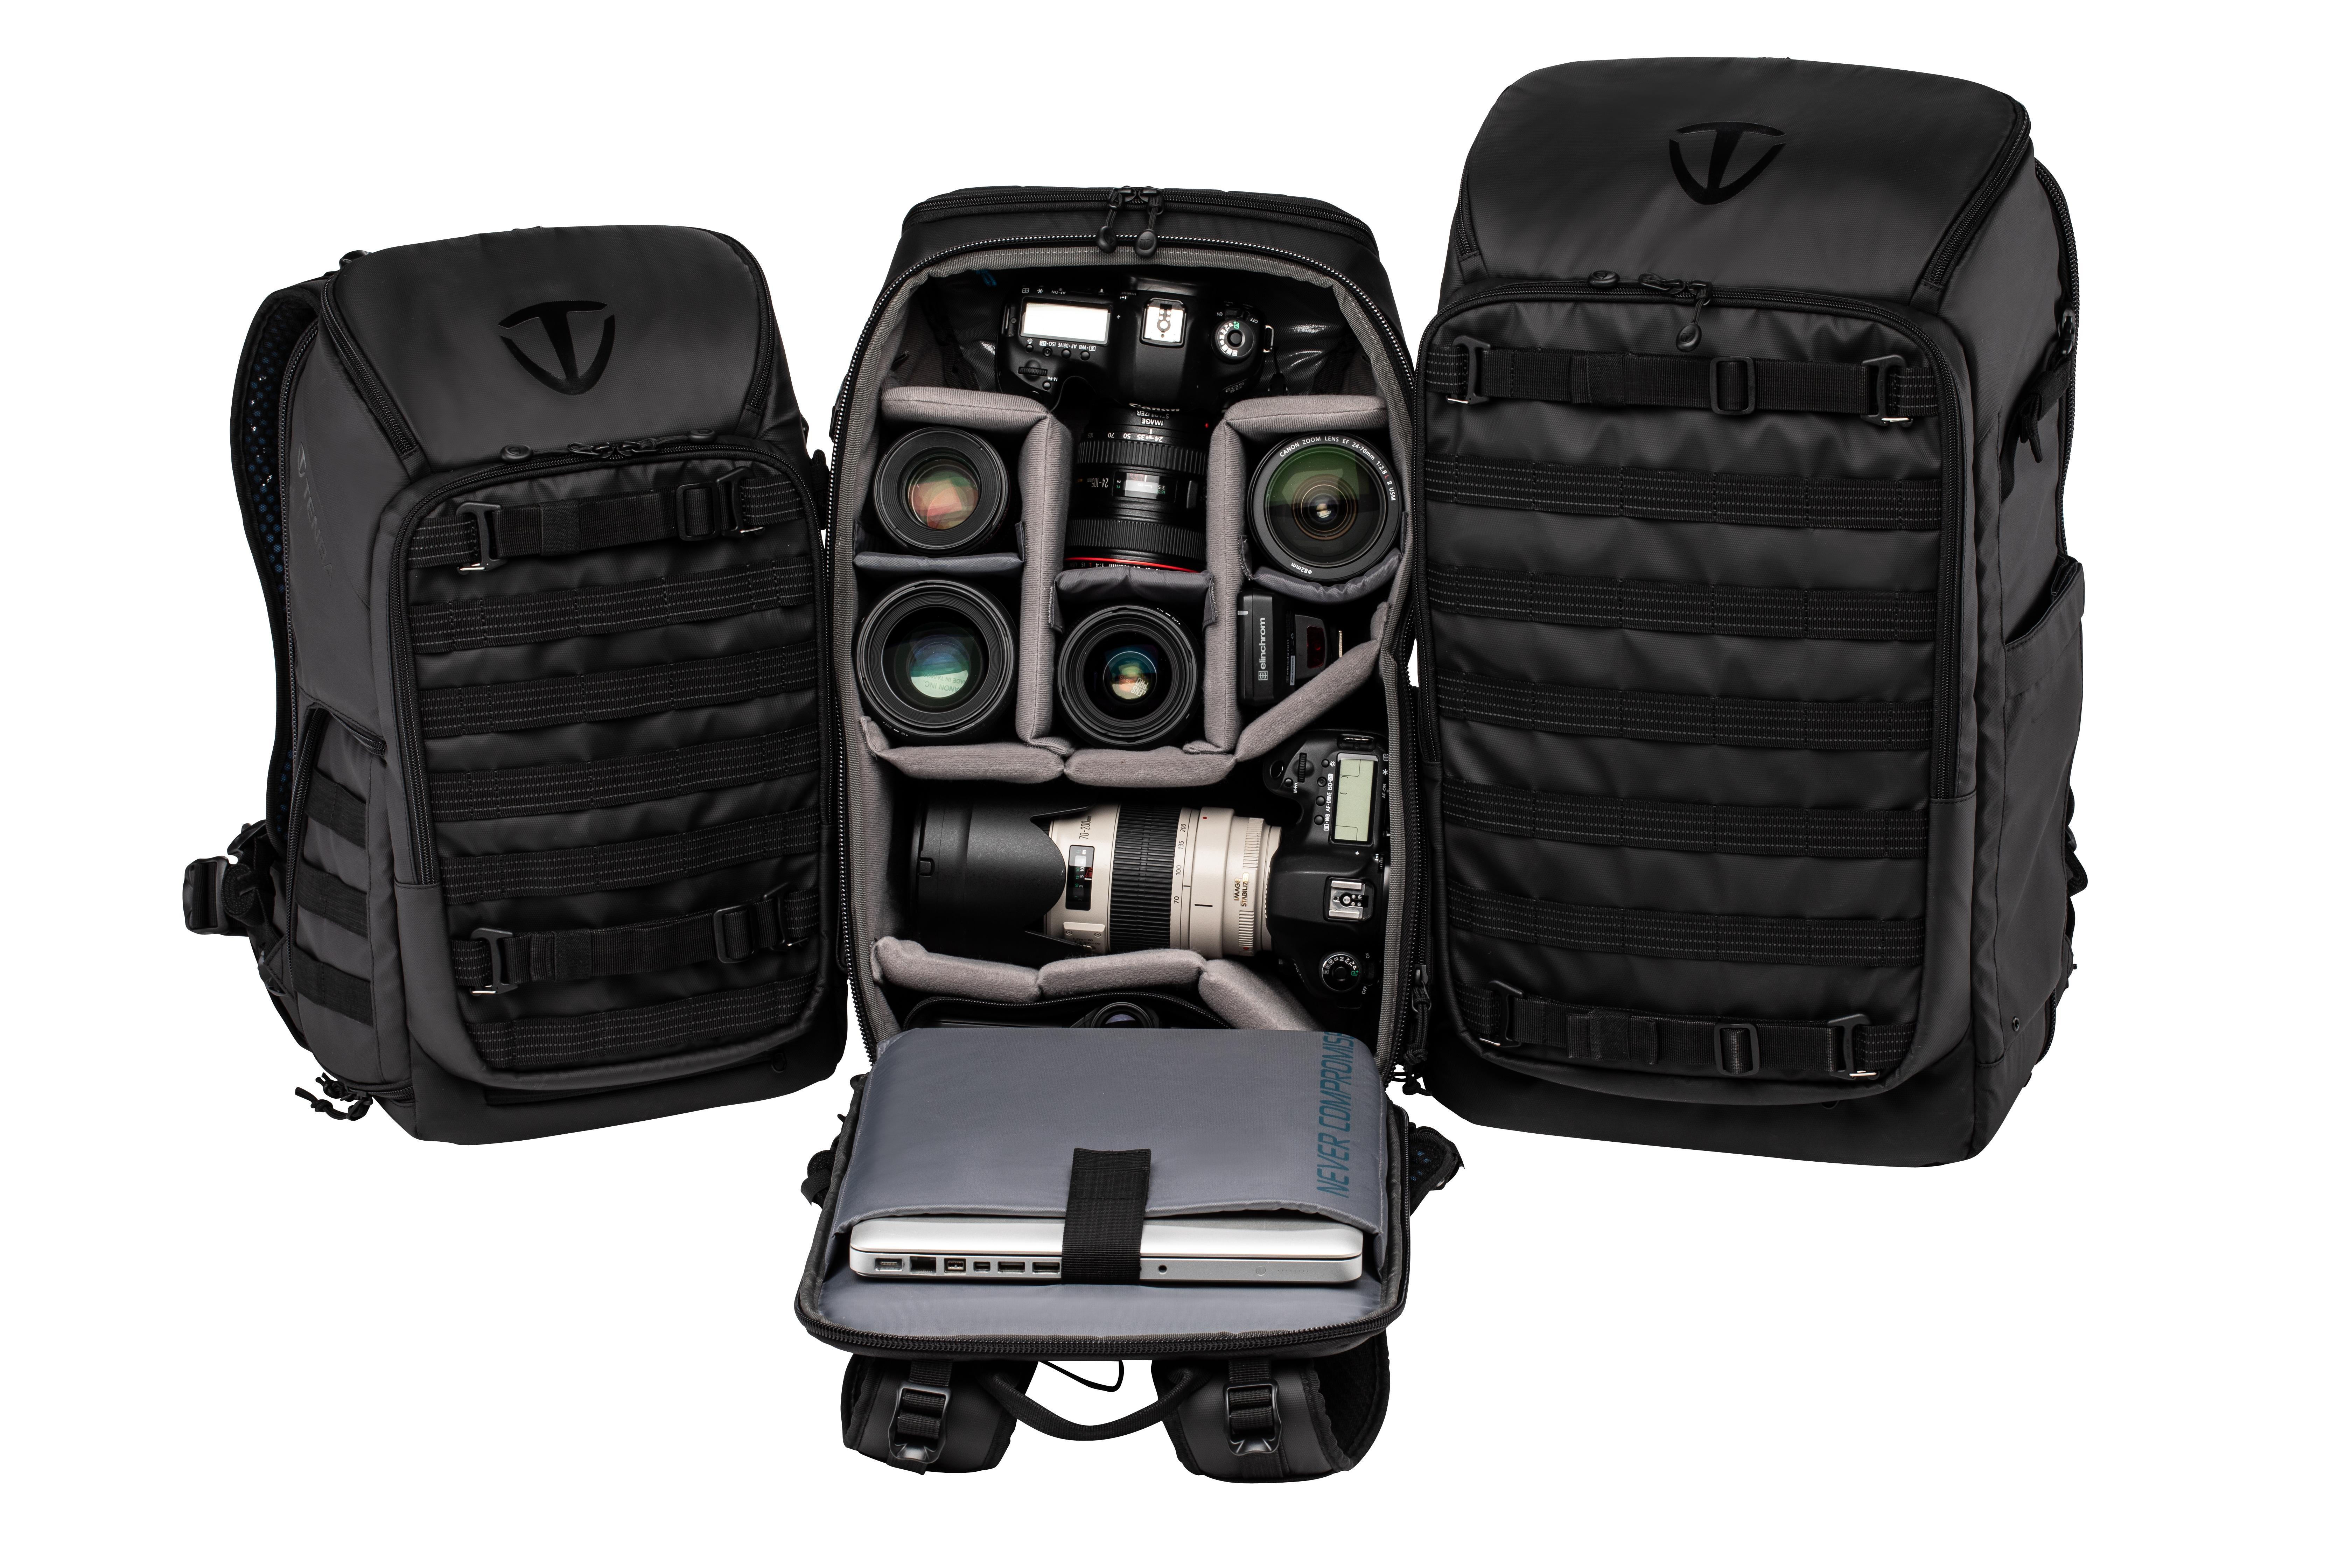 Tenba Axis tactical Backpack